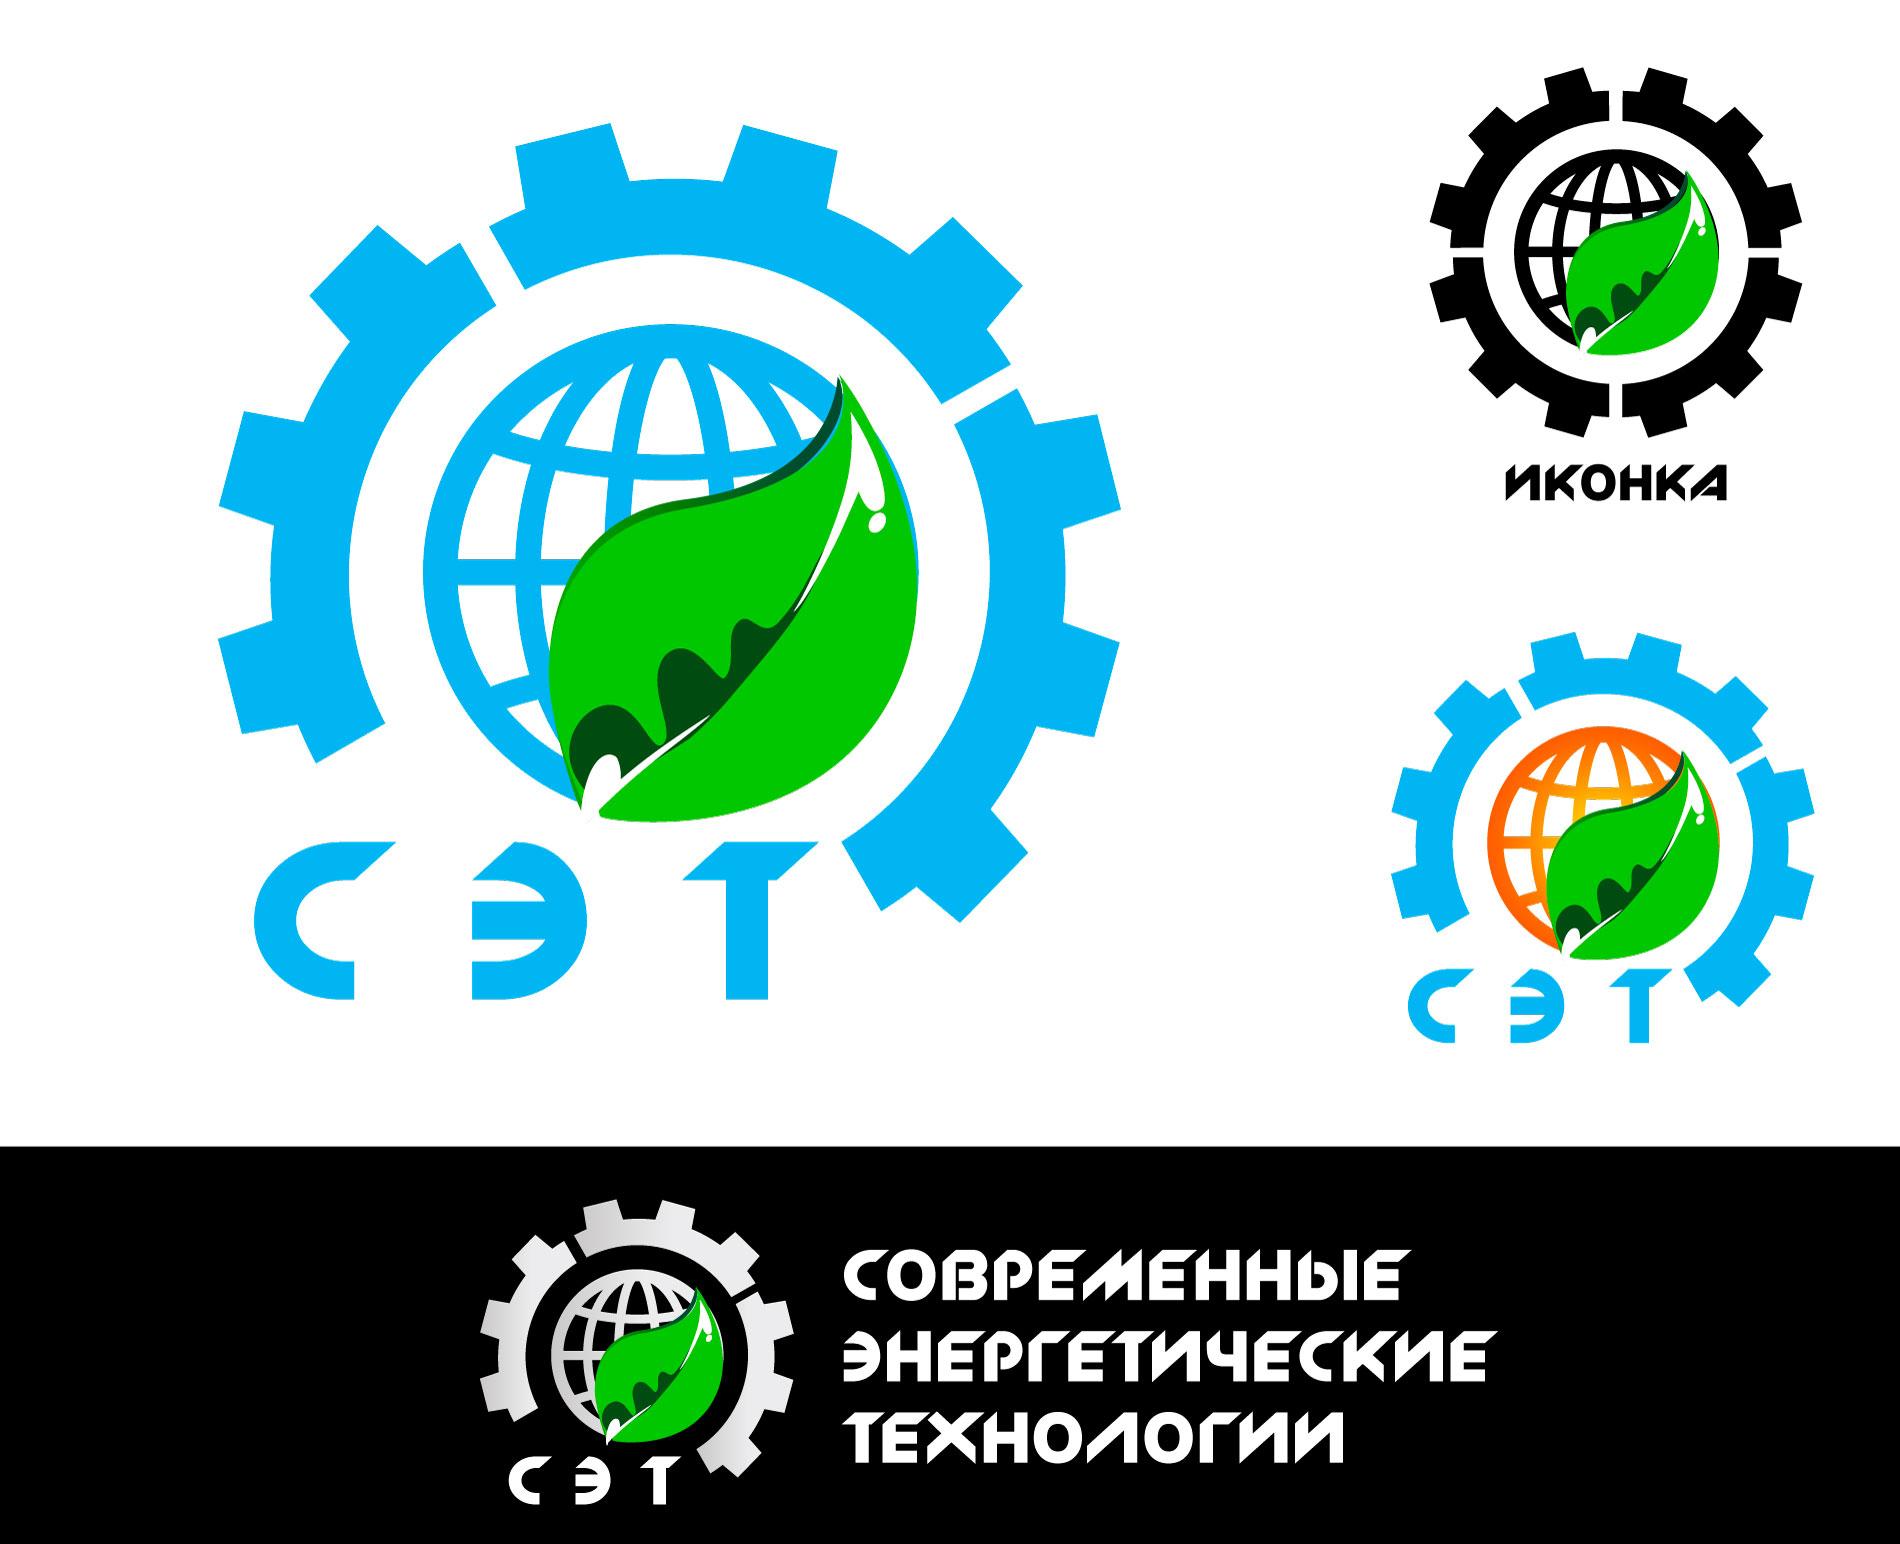 Срочно! Дизайн логотипа ООО «СЭТ» фото f_8455d4f330ec2f1a.jpg